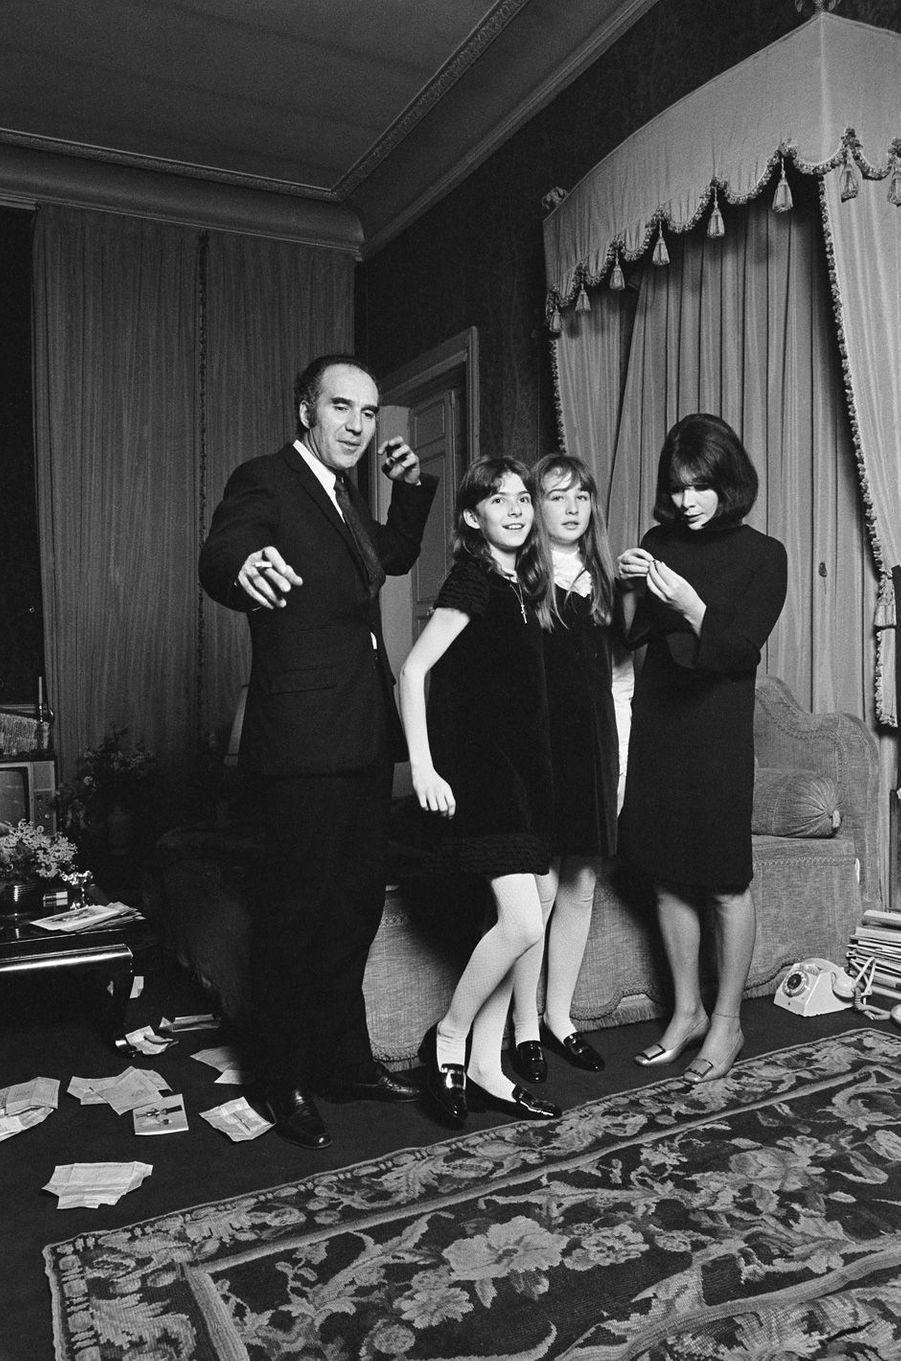 Michel Piccoli et sa femme Juliette Gréco, en décembre 1966. Ils posent avec leurs filles Anne-Cordélia (la fille de Michel Piccoli) et Laurence (celle de Juliette Gréco).